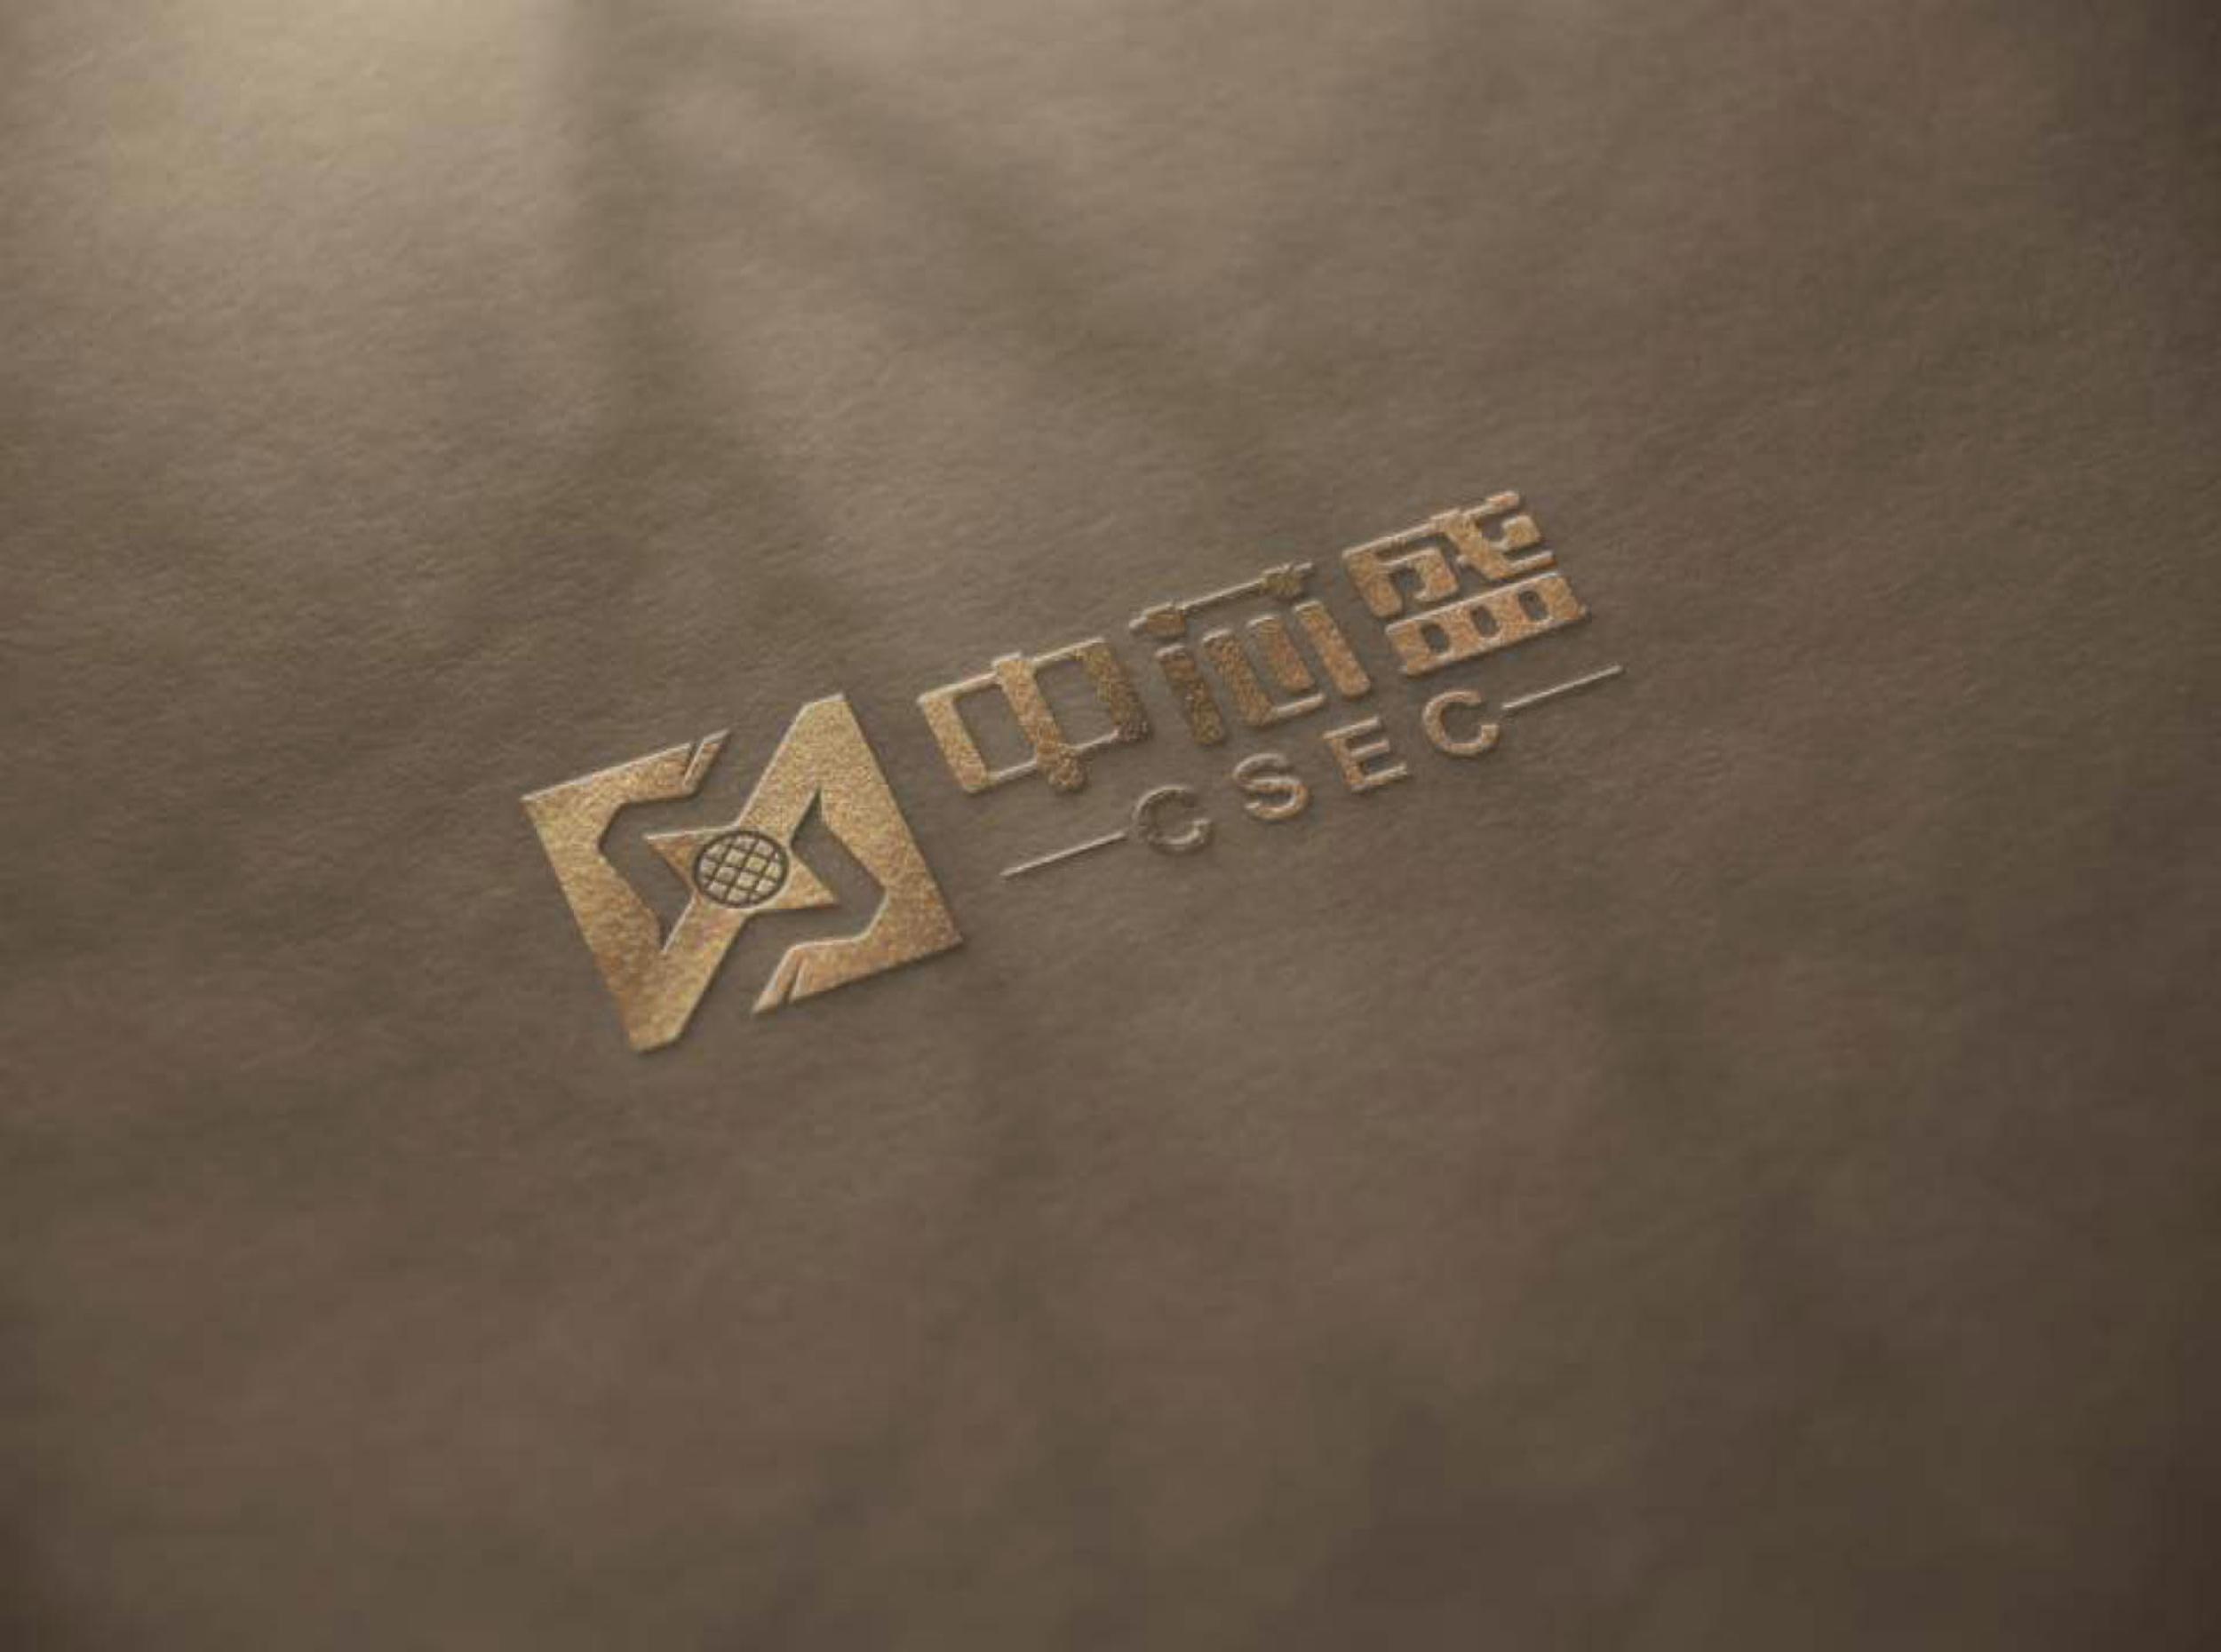 上海中芯盛半导体设备有限公司1